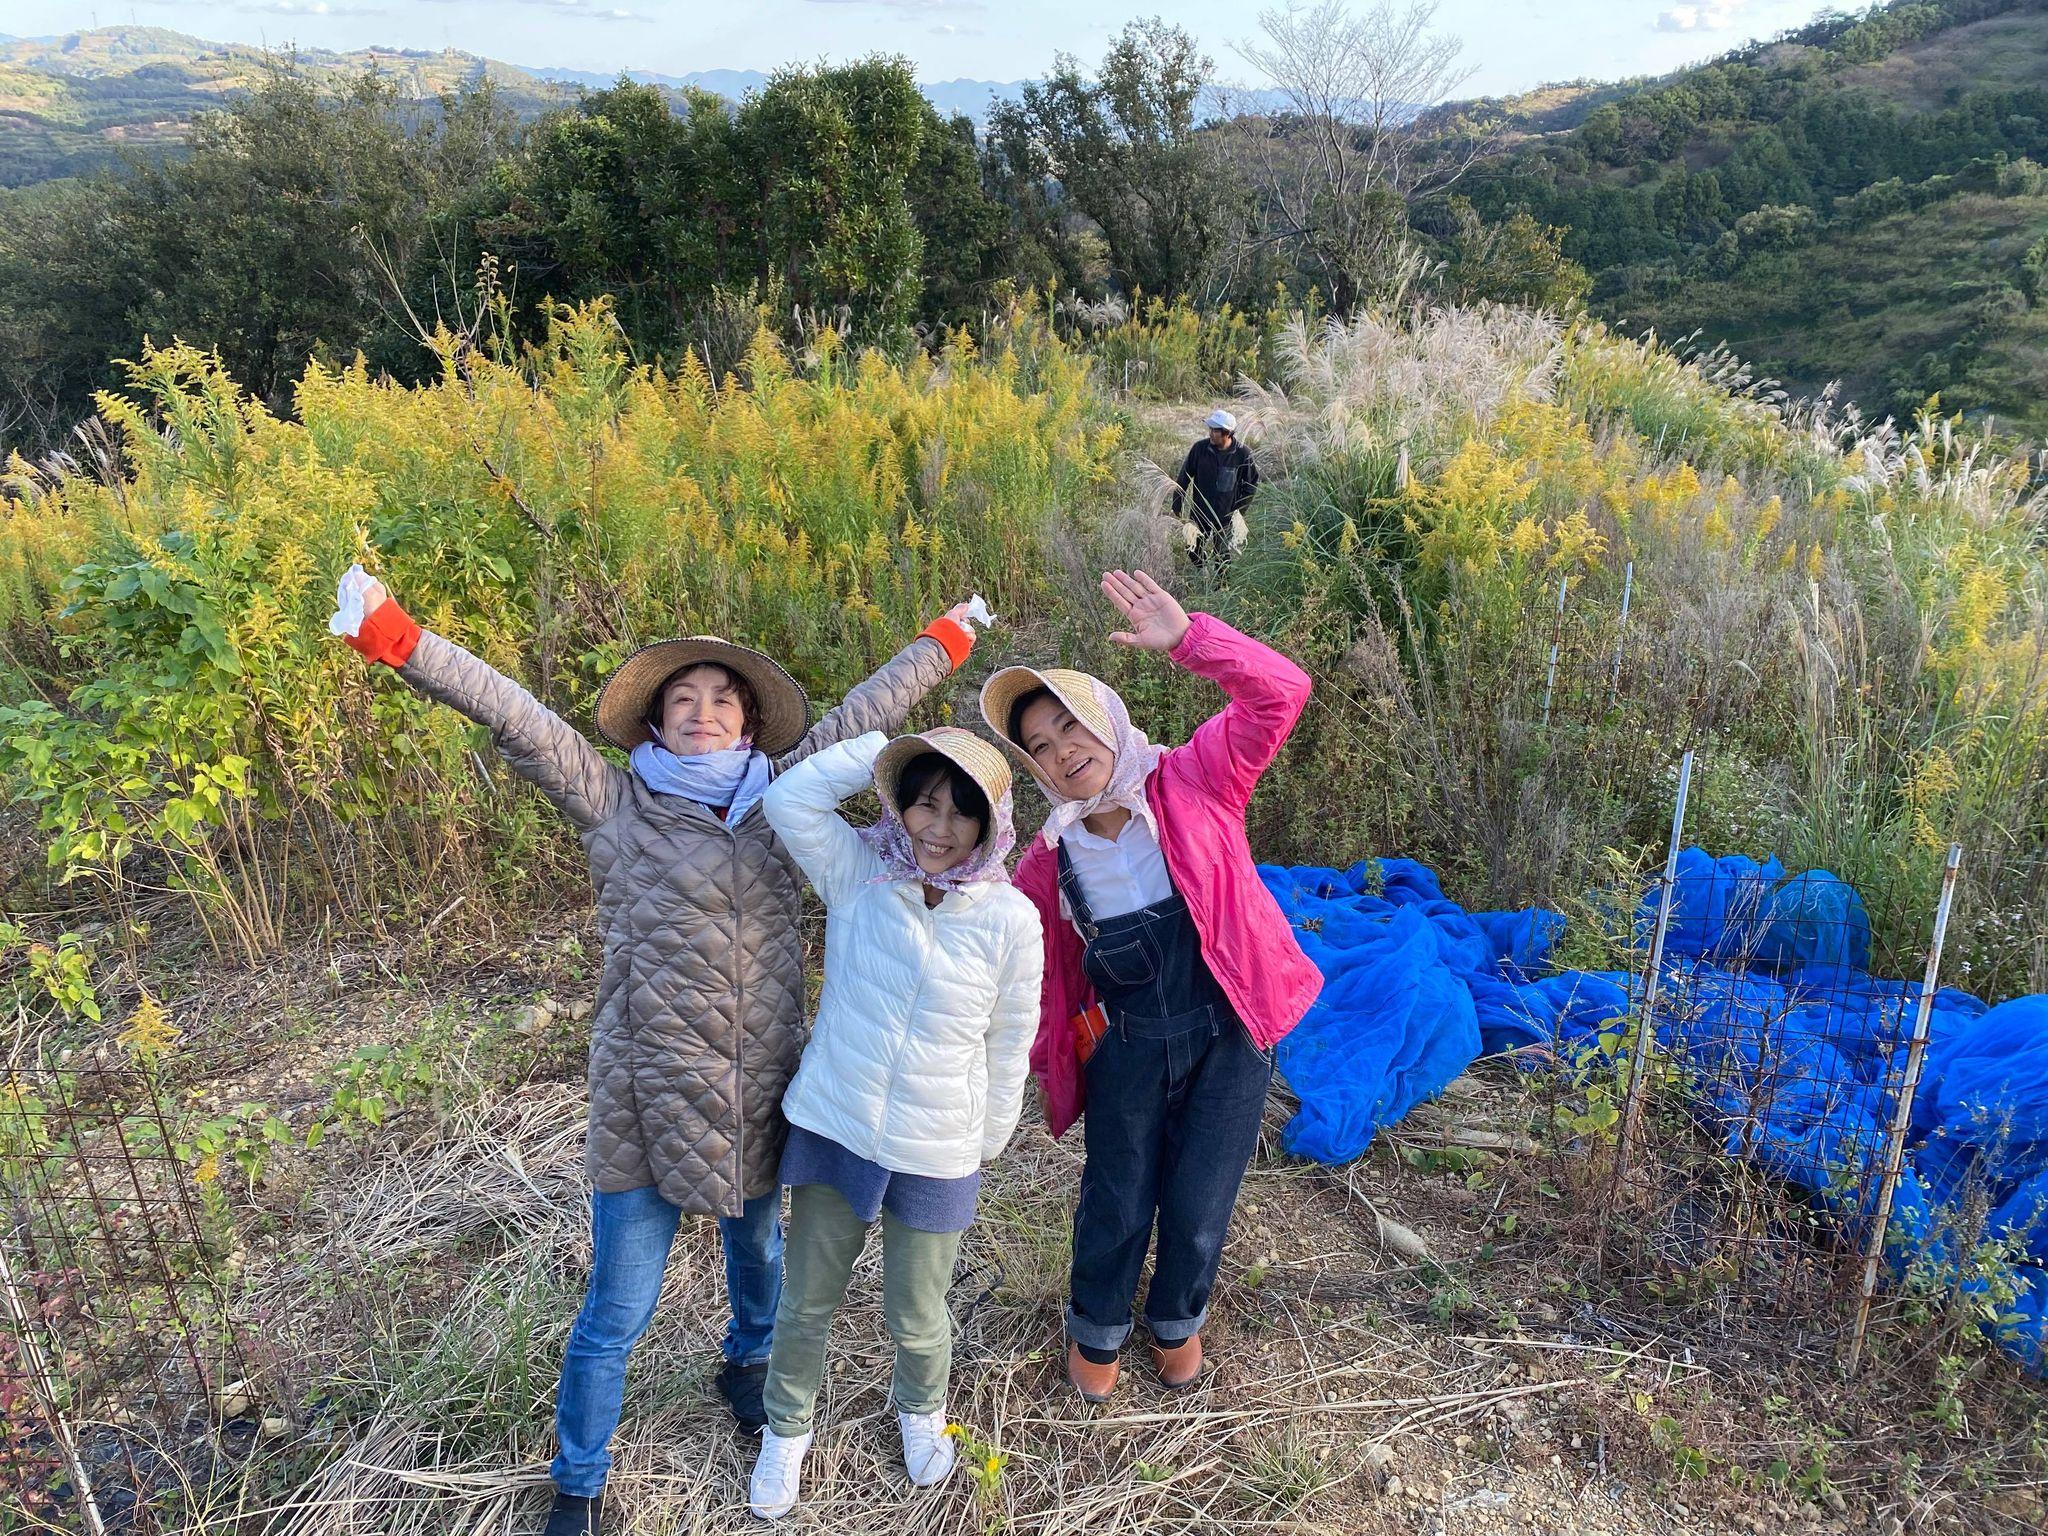 【ワーケーション体験記2020】和歌山の梅農家で、ワーケーションとSDGsの関係について考えた(江島民子)